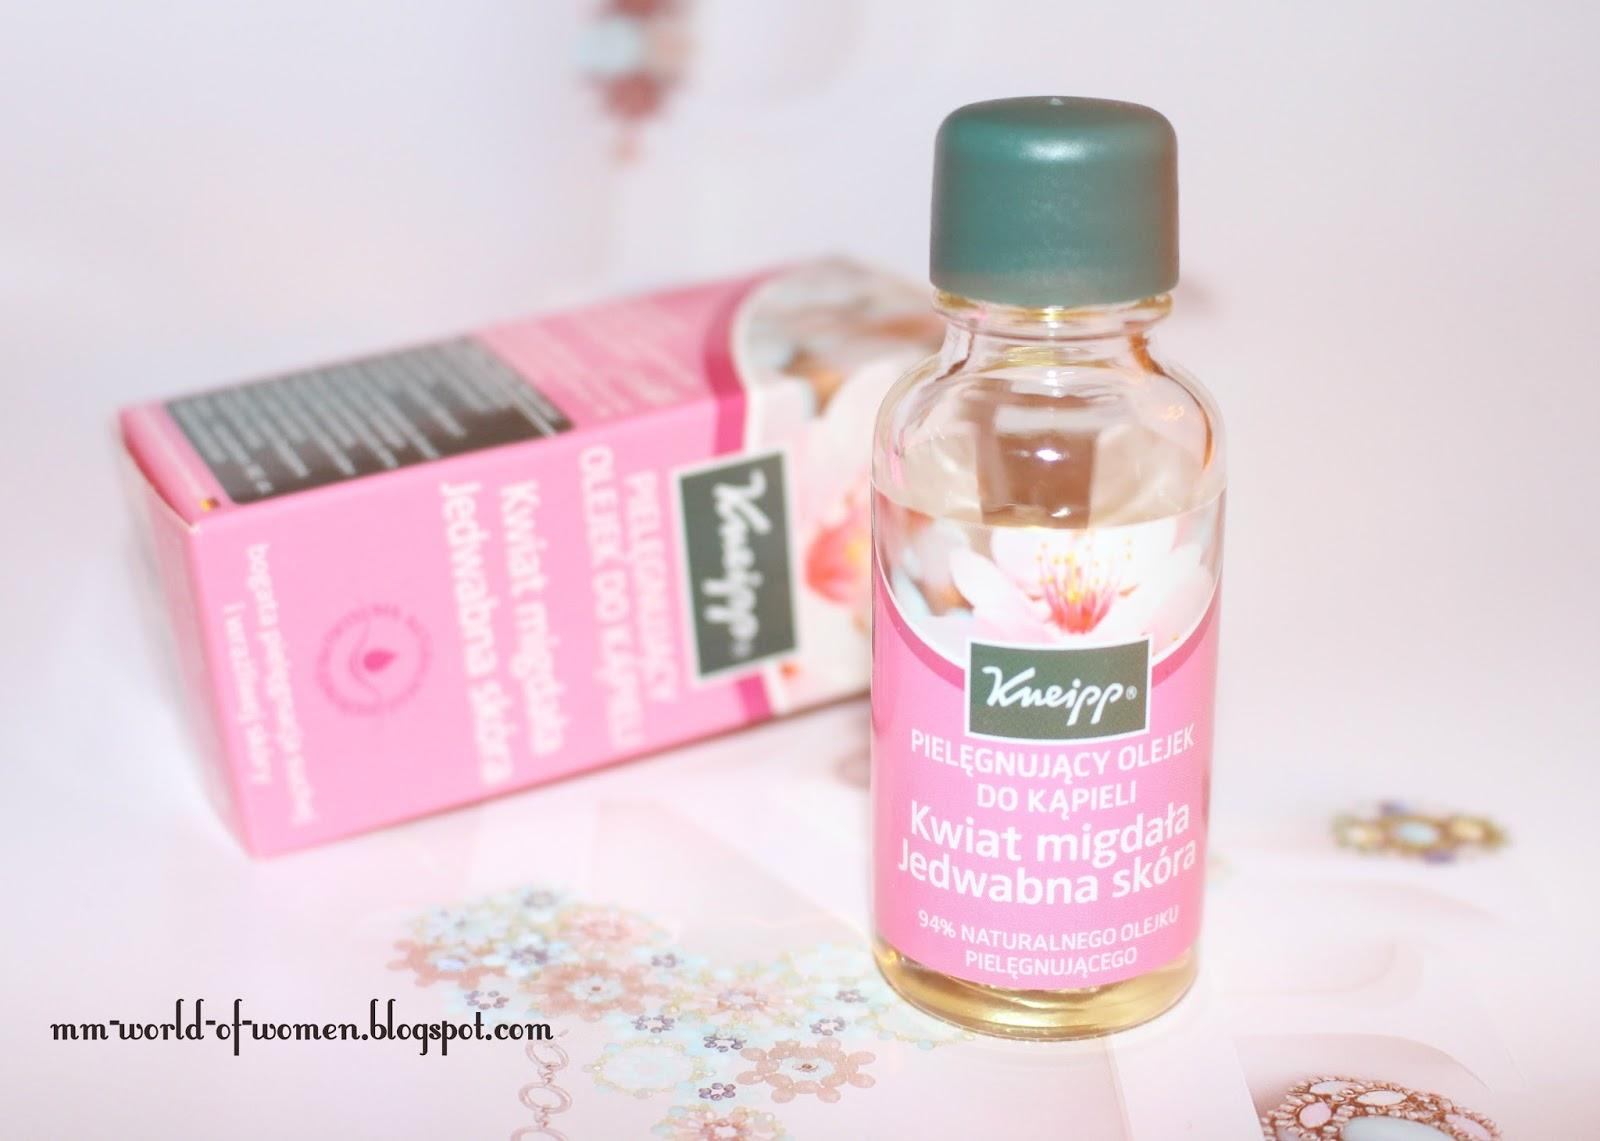 Kneipp - pielęgnujący olejek do kąpieli Kwiat Migdała